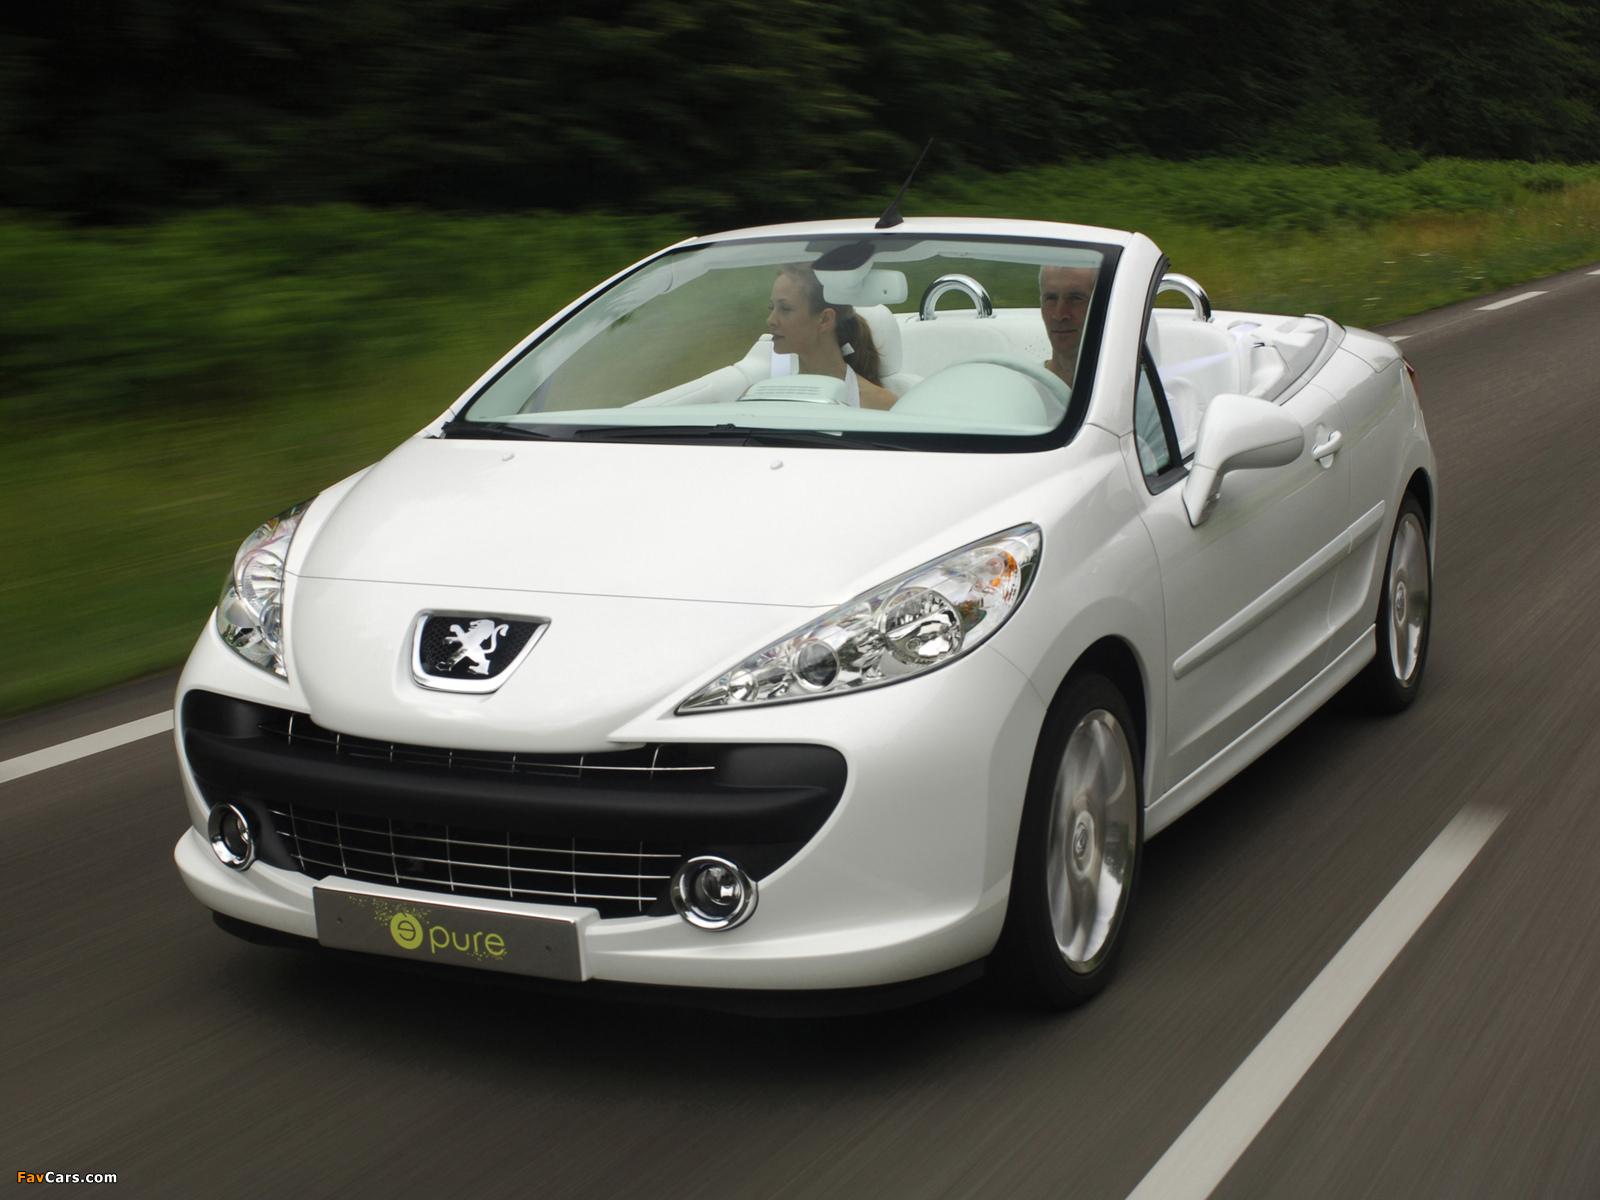 Peugeot 207 Epure Concept 2006 photos (1600 x 1200)